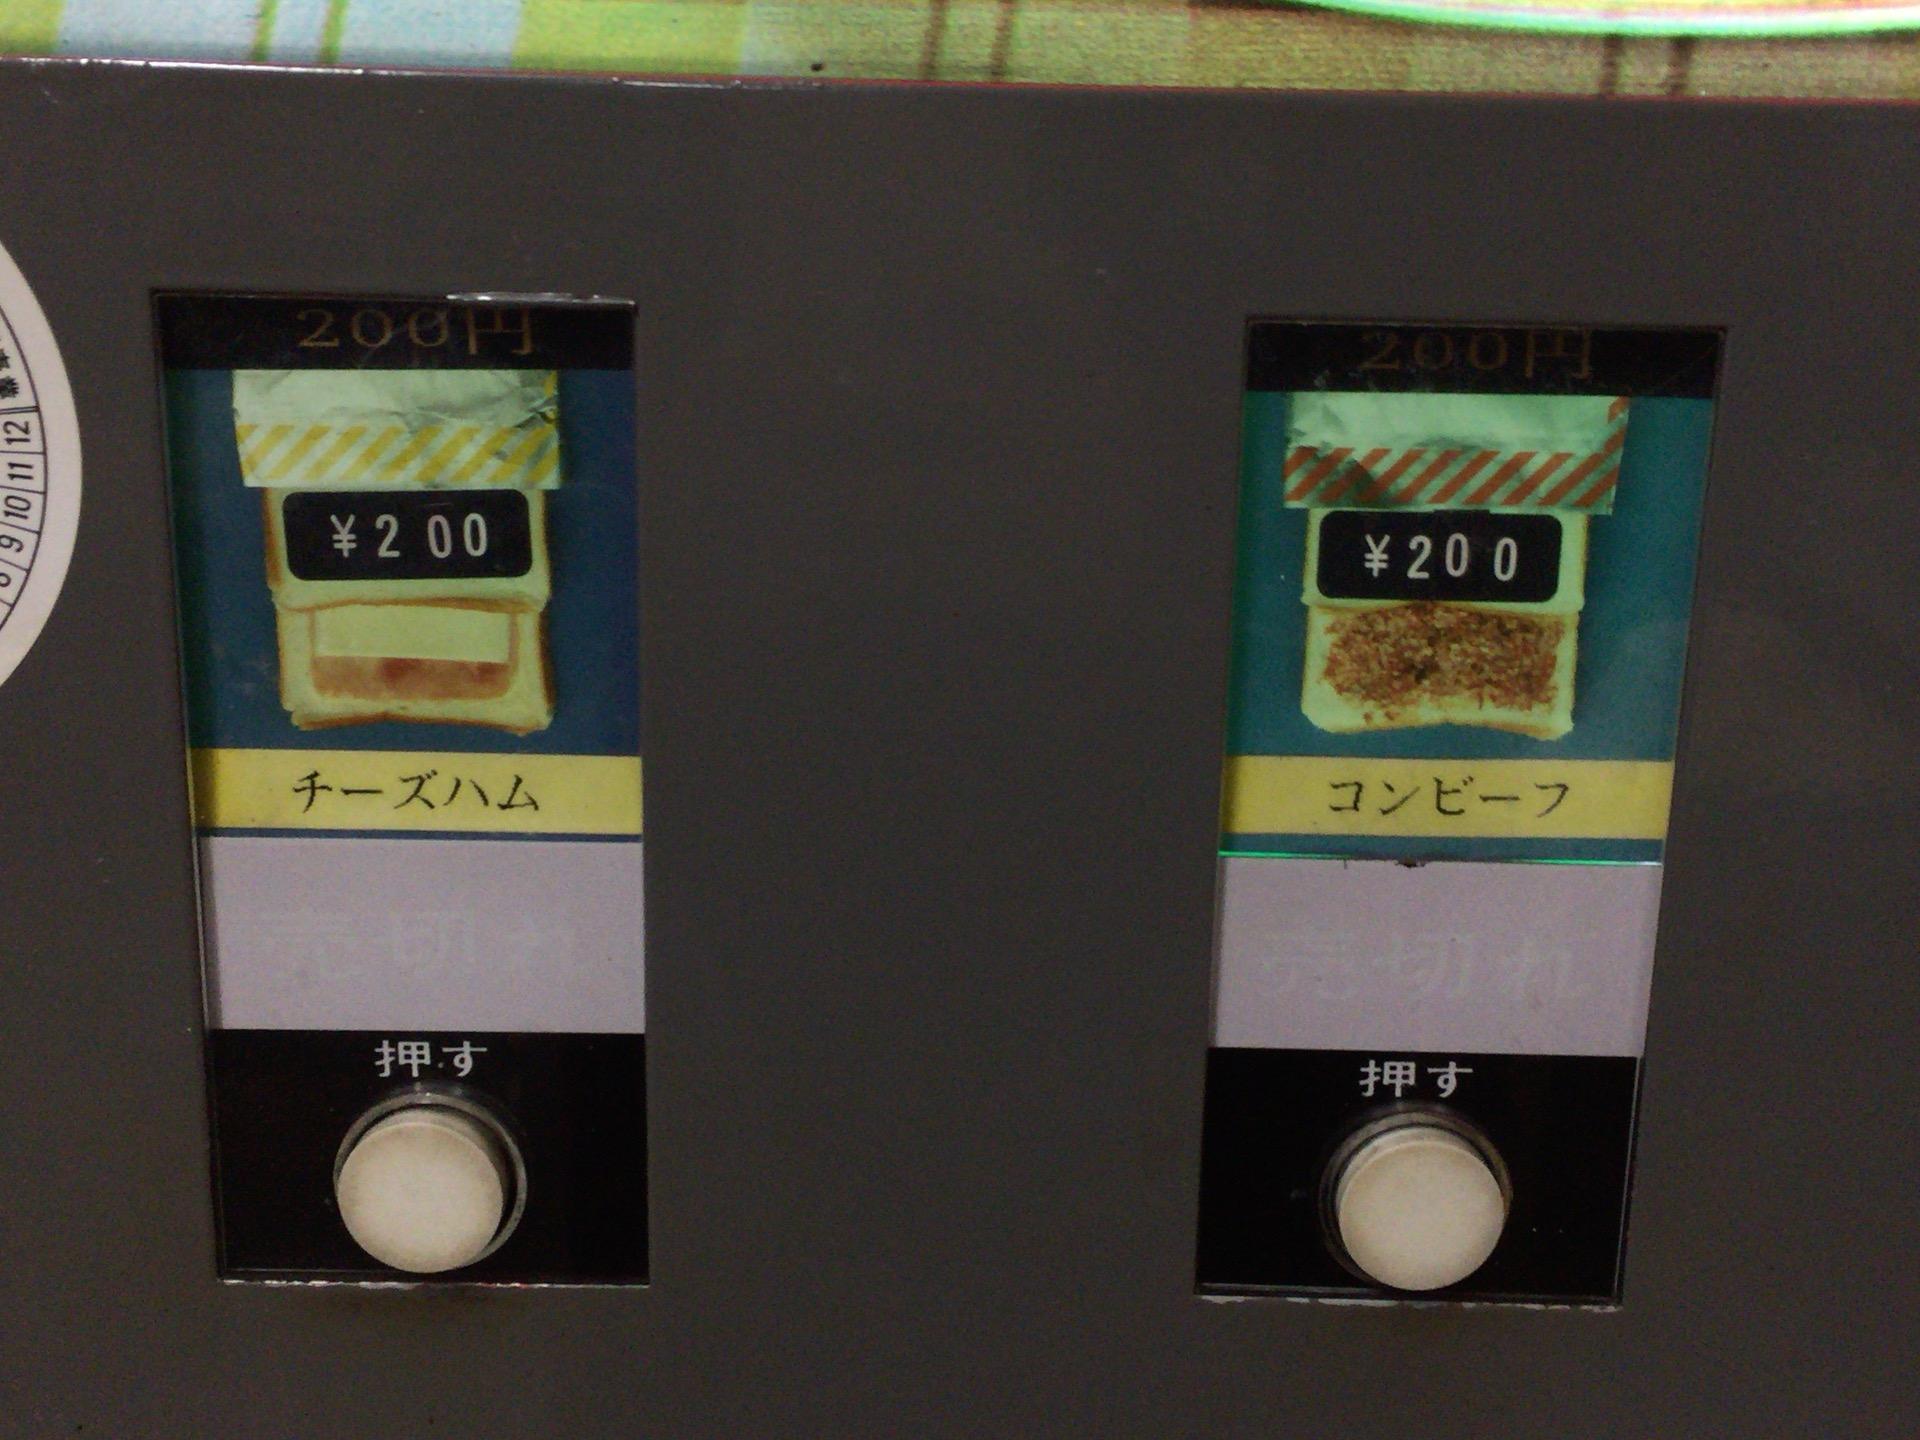 オートパーラー上尾の食品自動販売機で『天ぷらそば』と『トーストサンド』を食べてきた